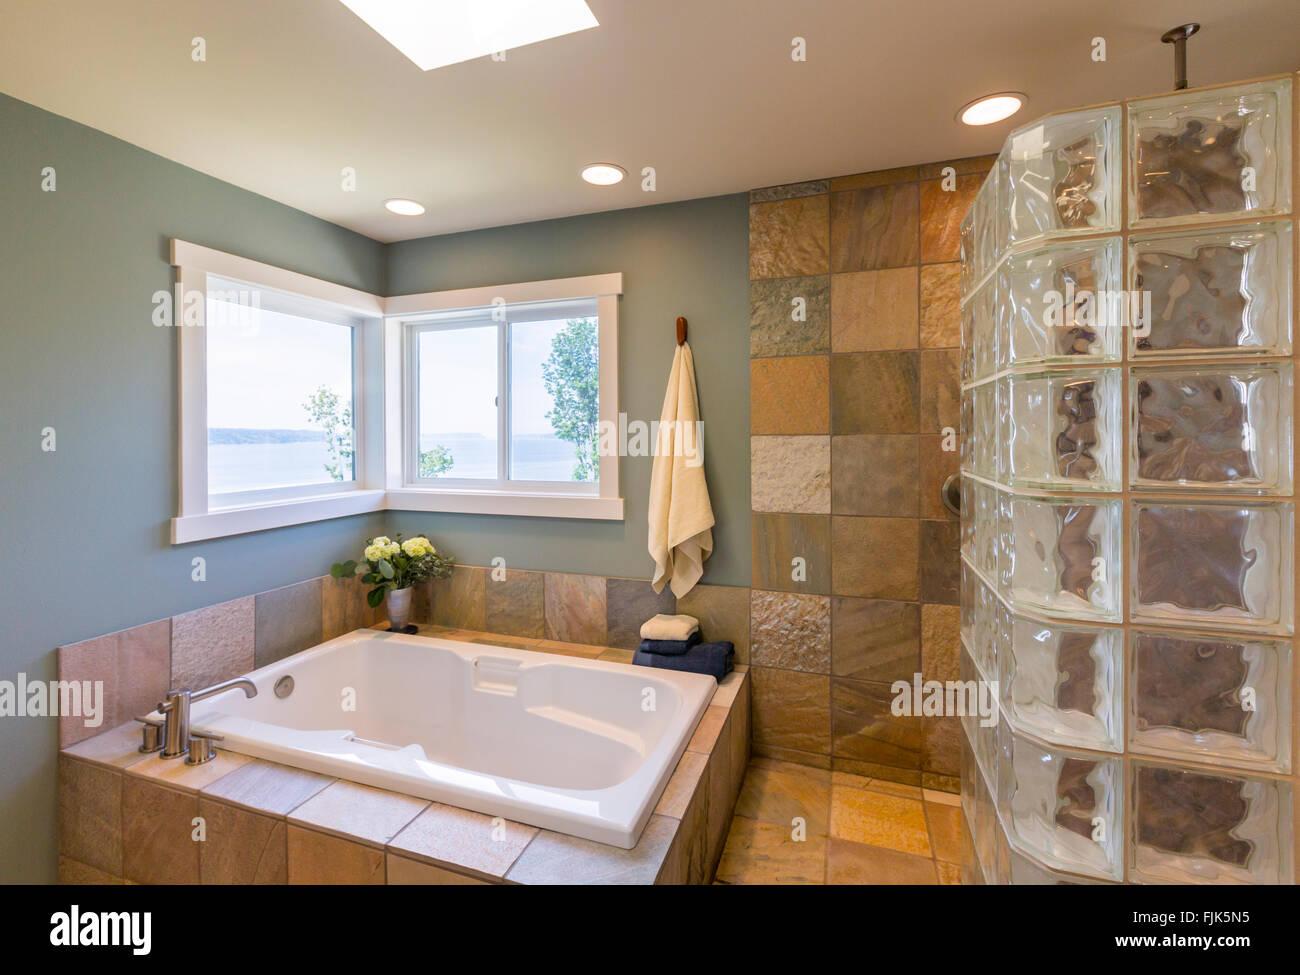 Zeitgenössischen gehobenen home-Spa Badezimmer Interieur mit Glas ...